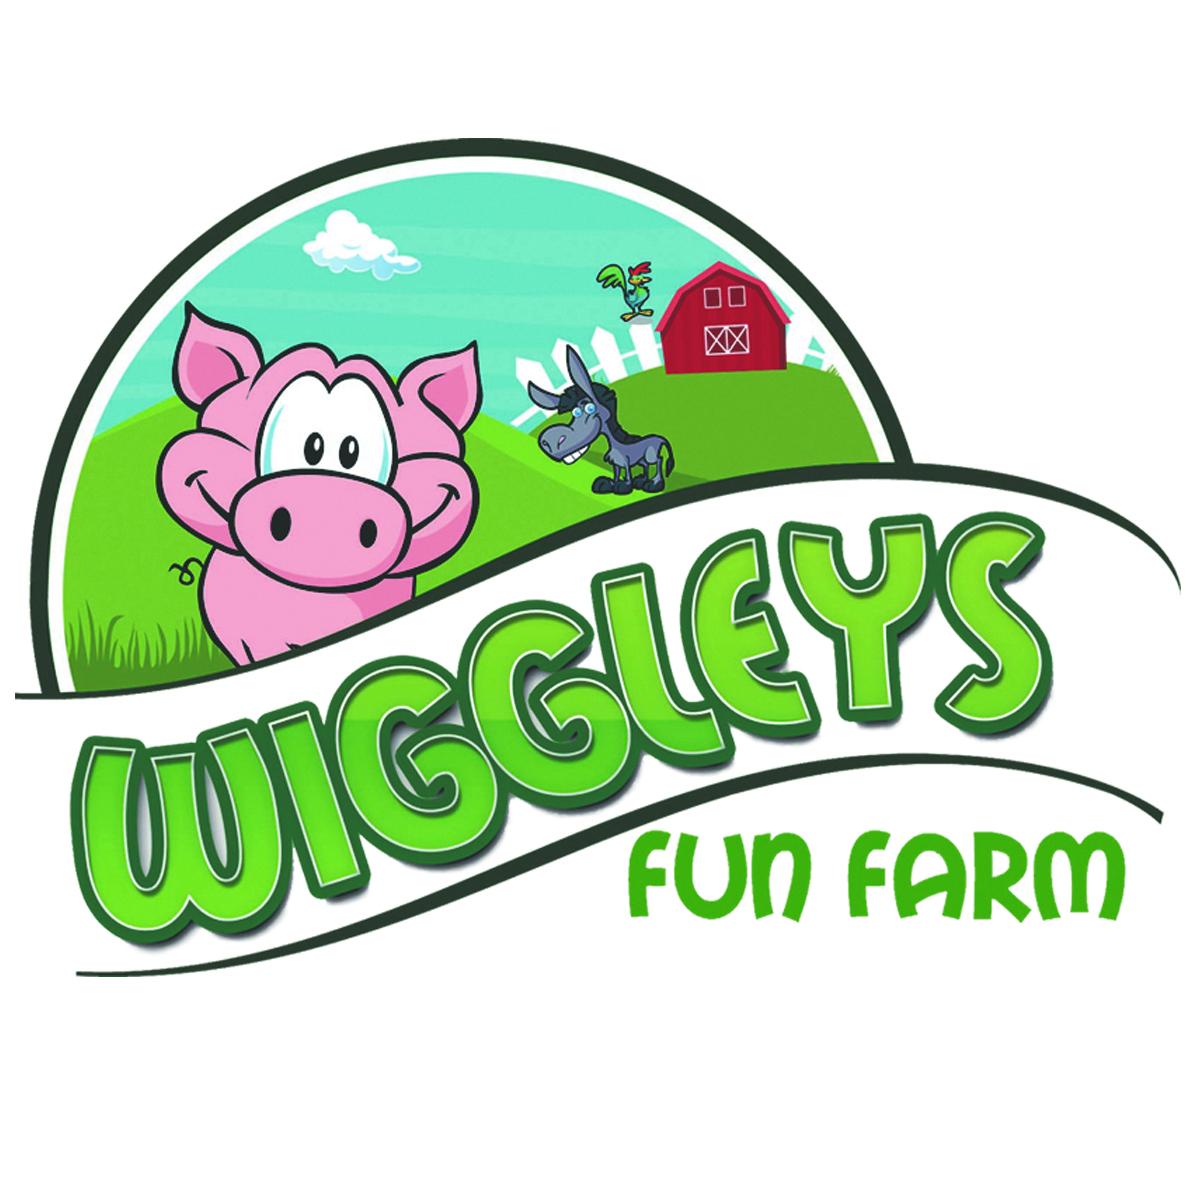 Wiggleys